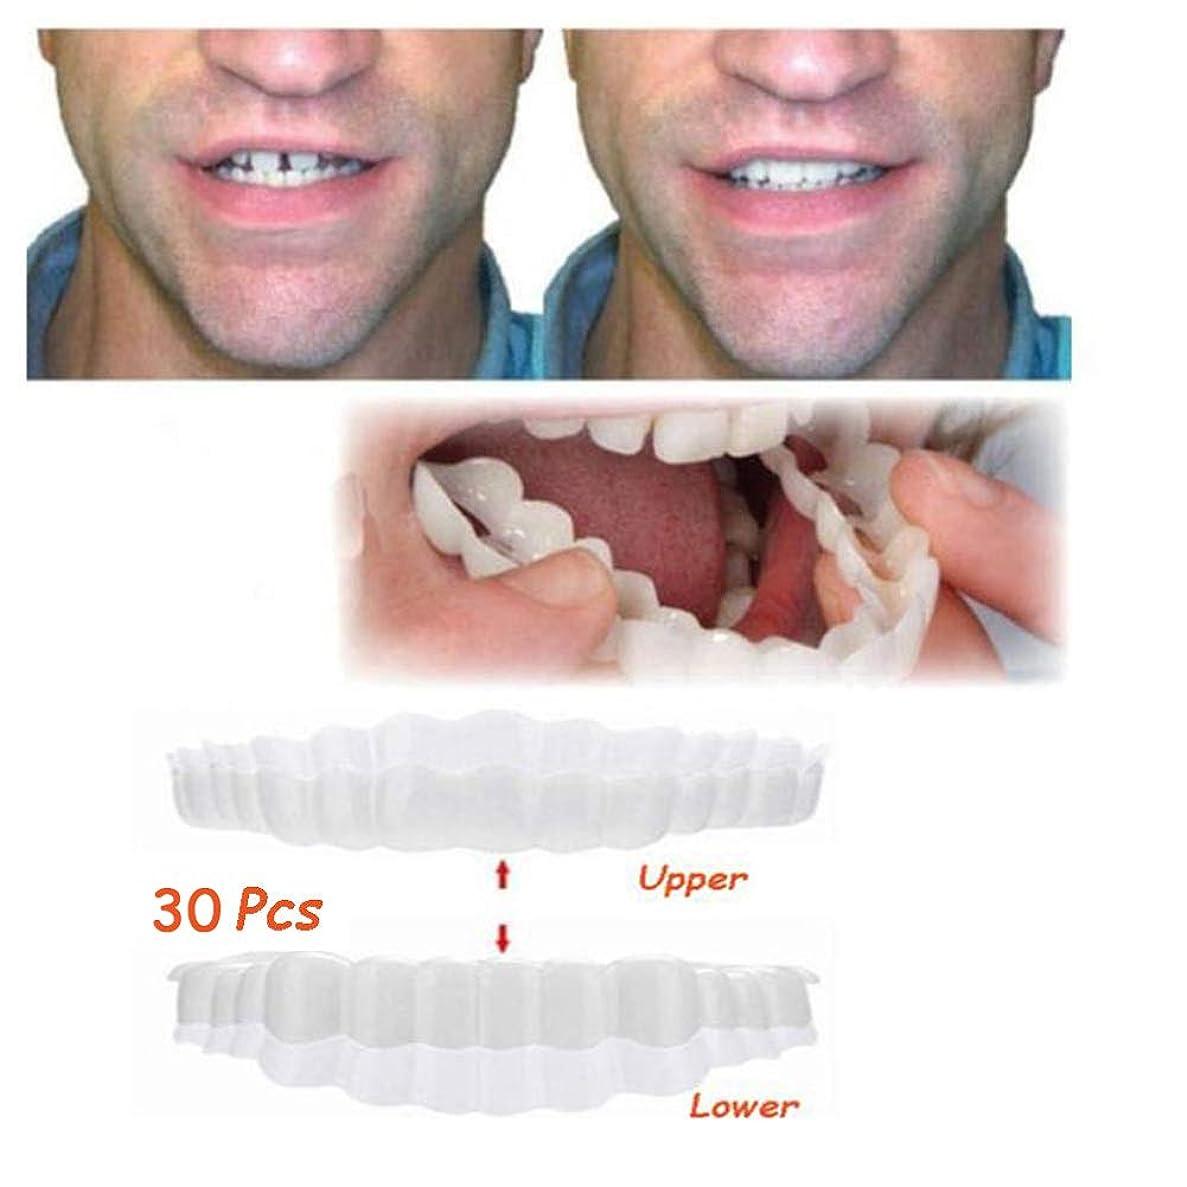 コークス地獄失望させる30ピース笑顔一時的な歯のキット、一時的な化粧品の歯義歯歯の化粧品模擬装具下括弧快適な下突き板